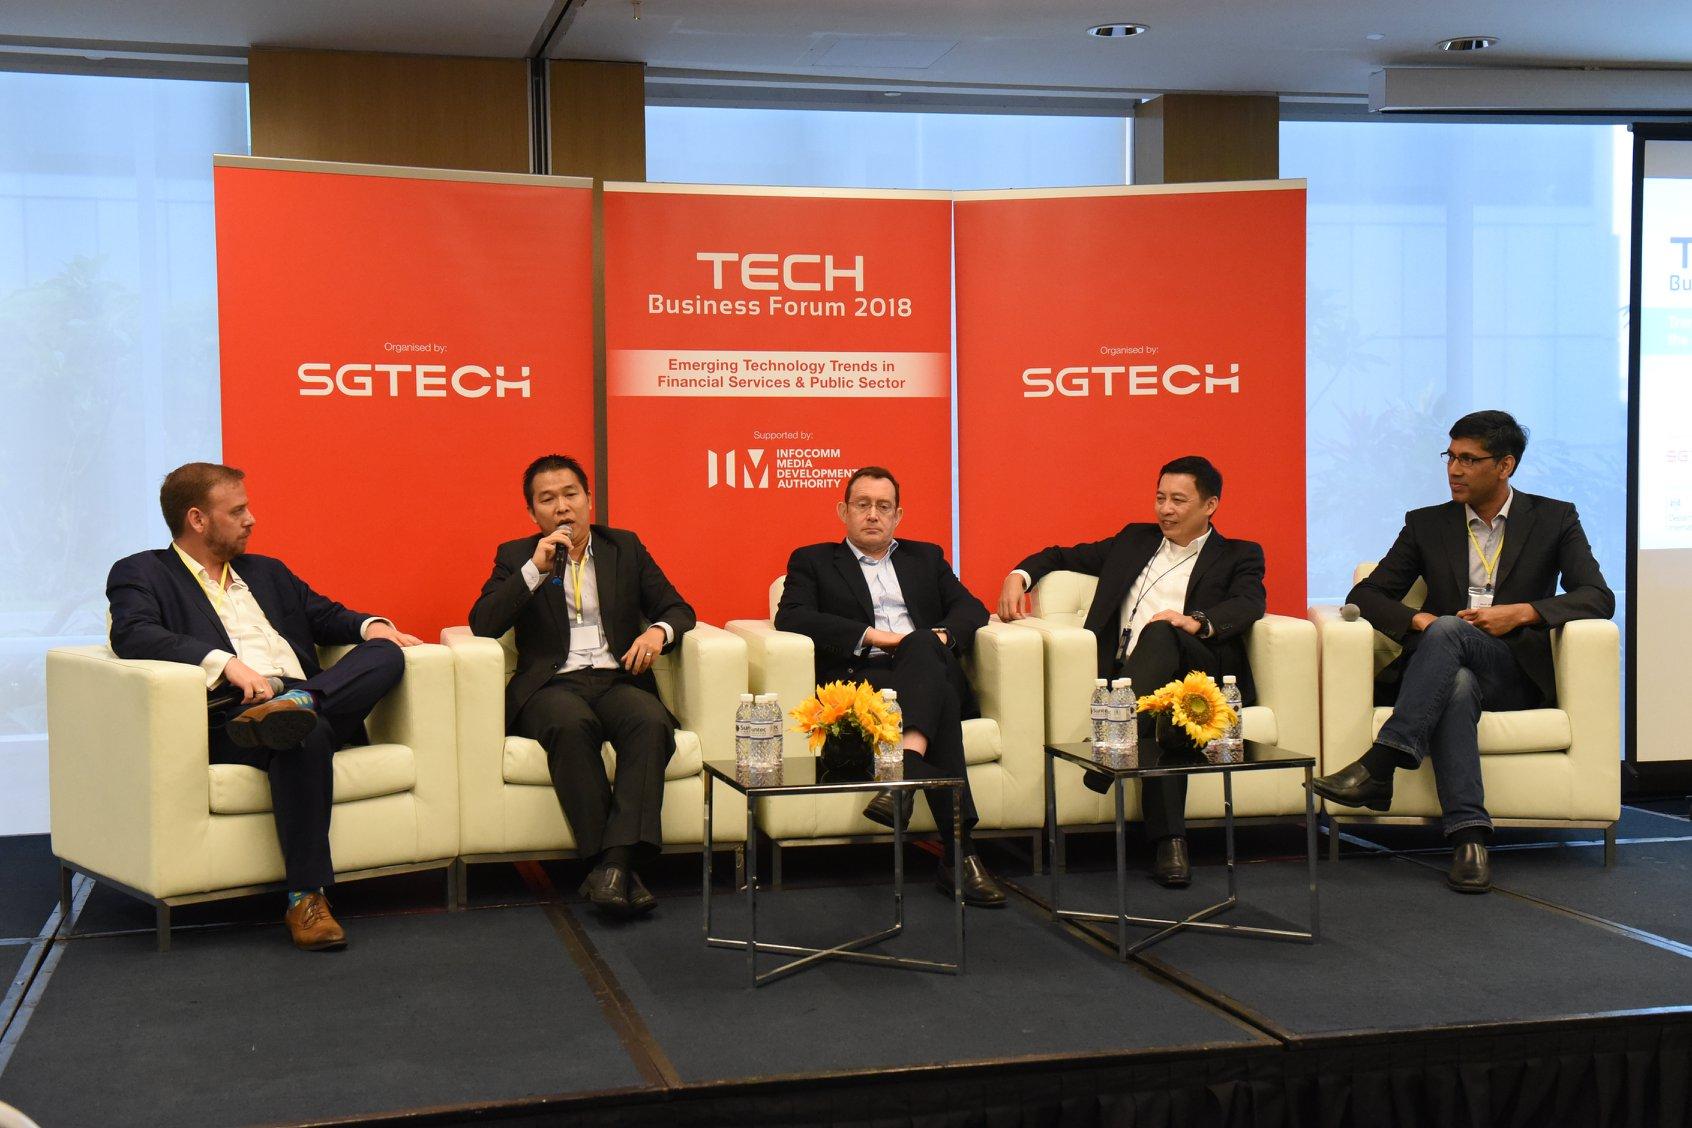 Tech Business Forum